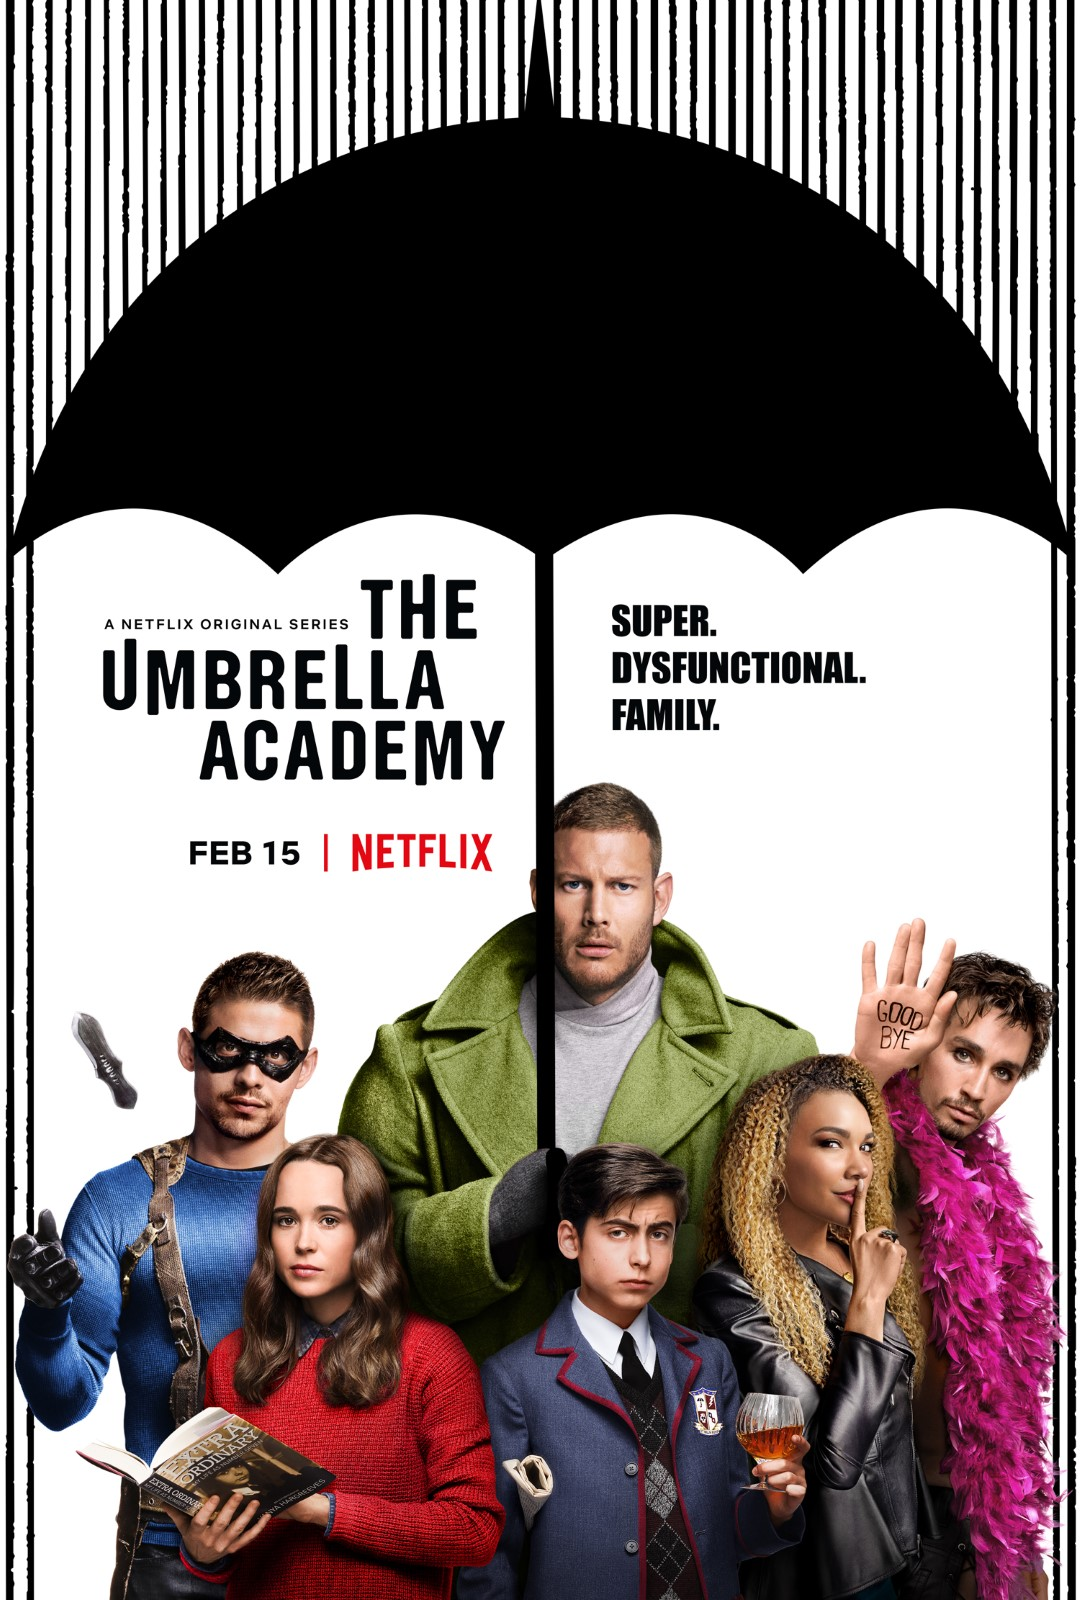 The Umbrella Academy postere - 14 görselden 2. sıradaki - Beyazperde.com